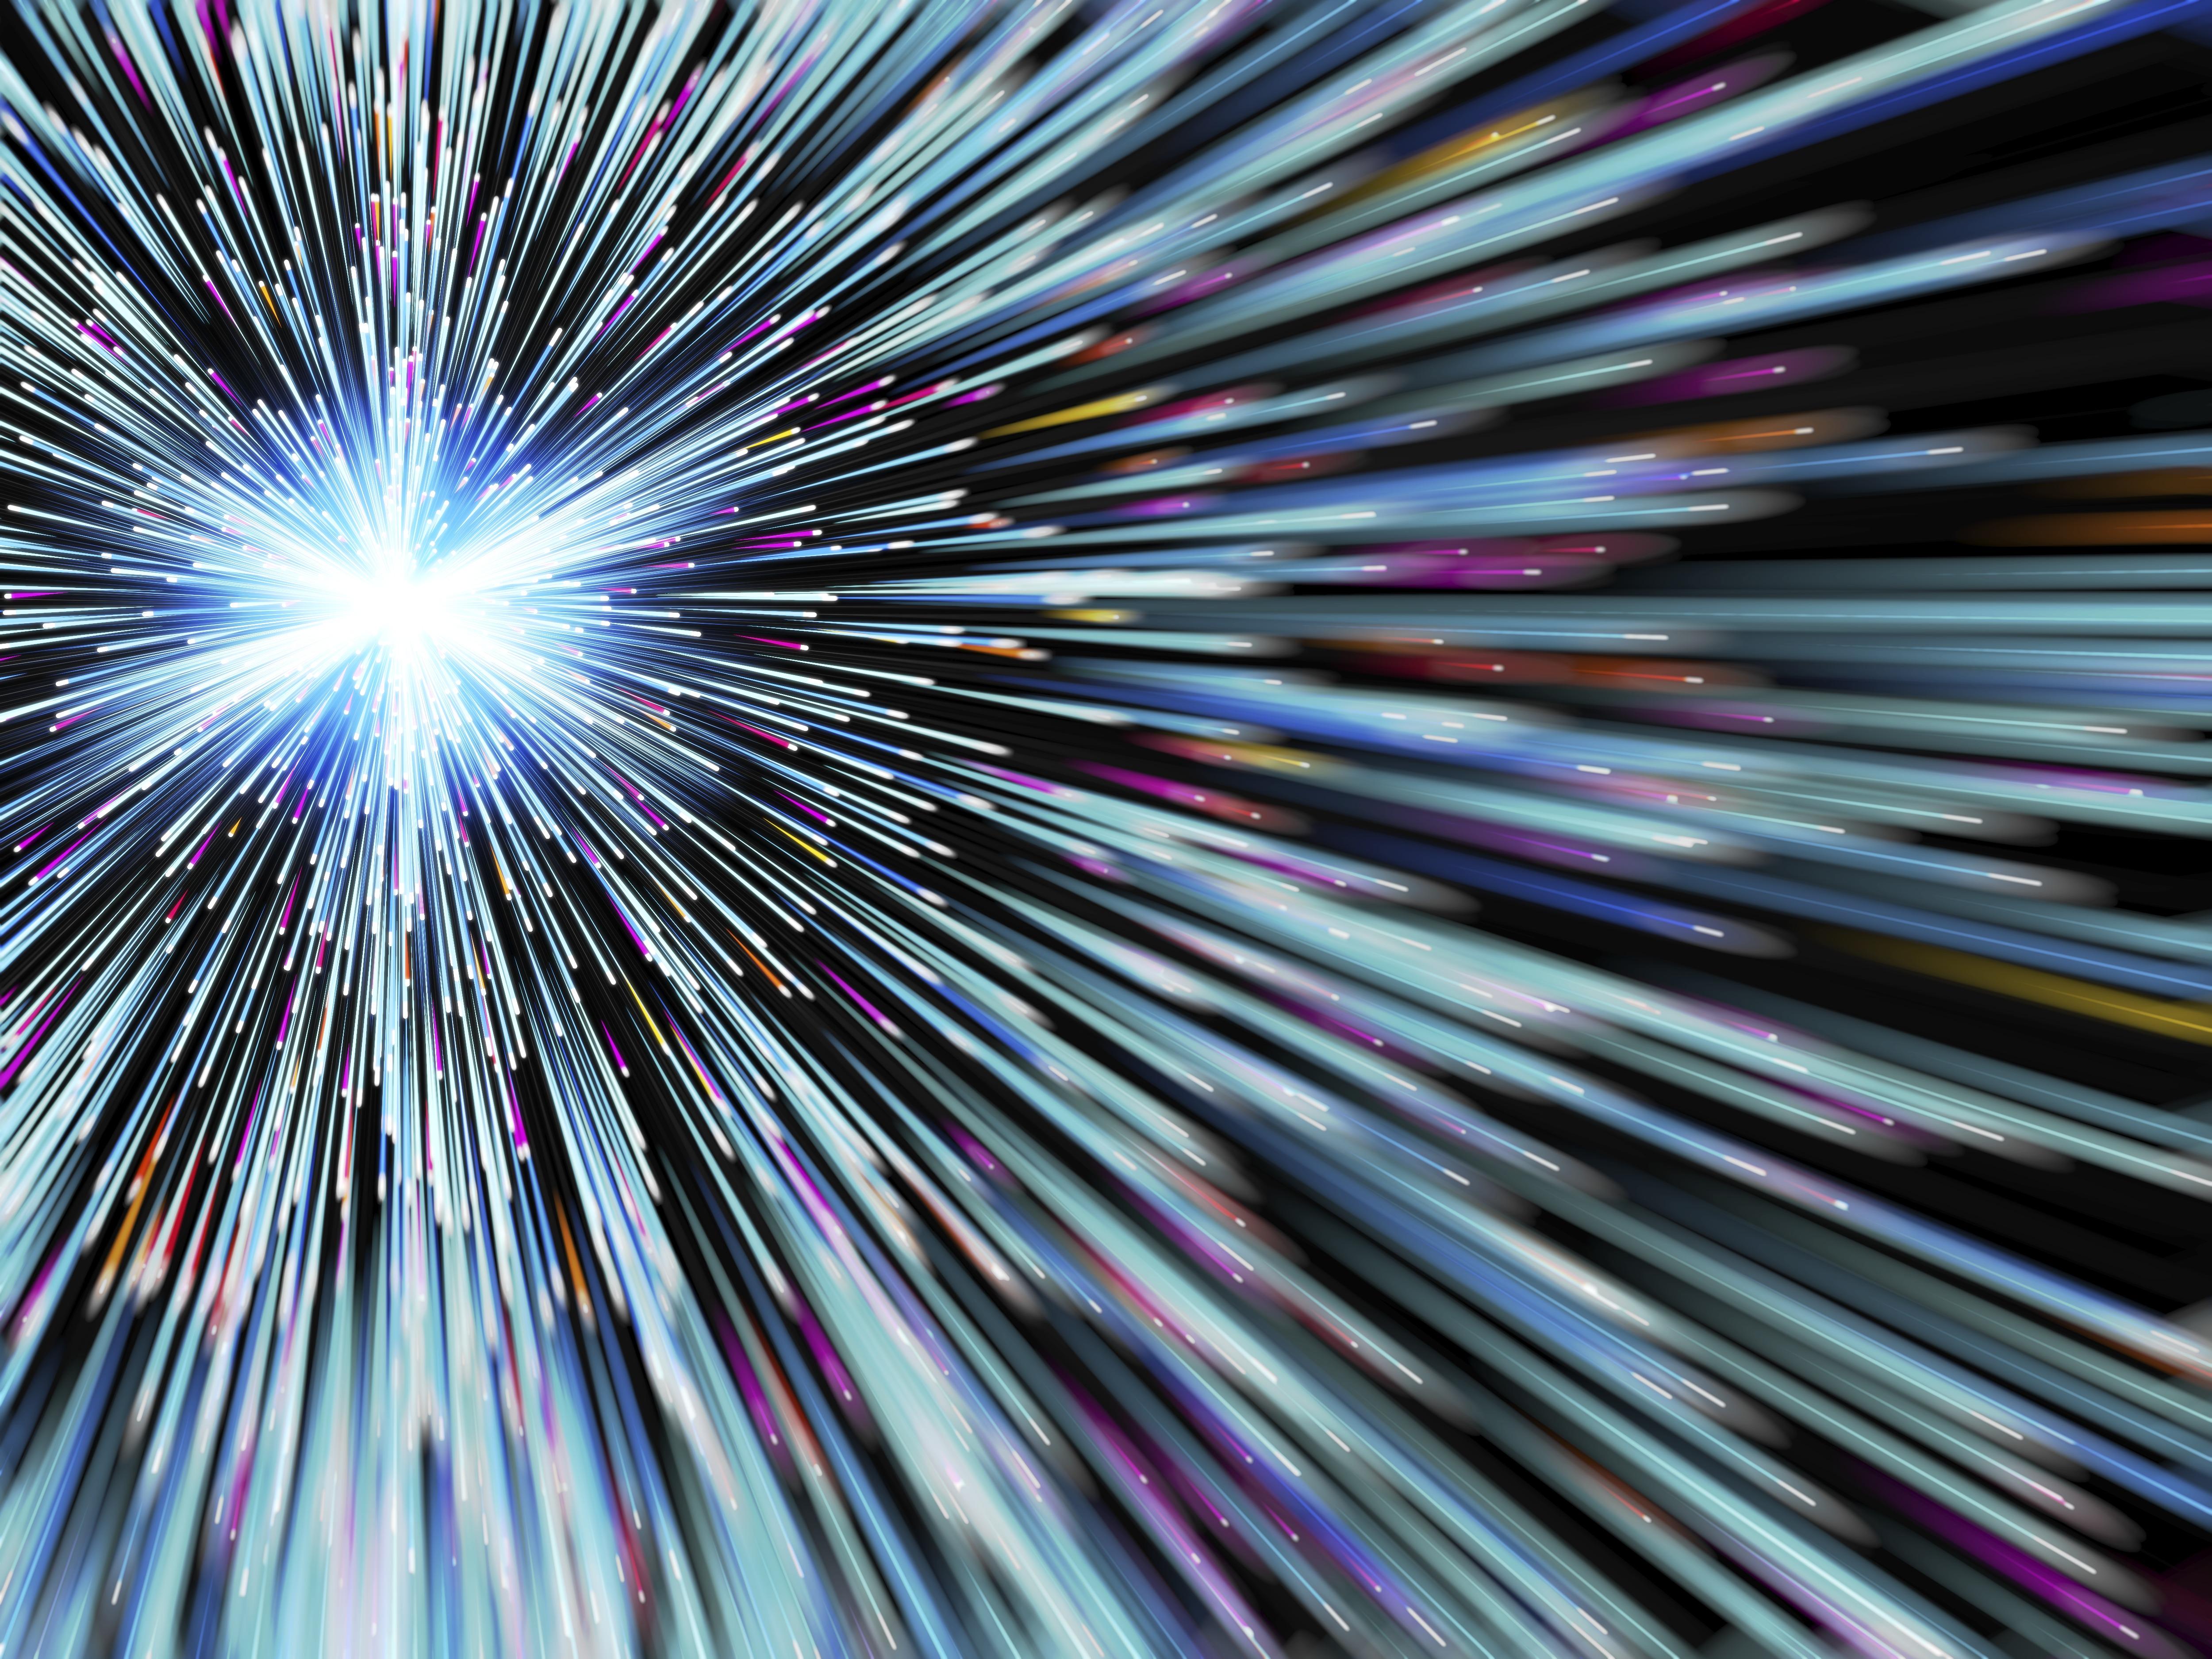 Magyar kutatók munkája is vezetett a Higgs-bozon megismerésének újabb mérföldkövéhez